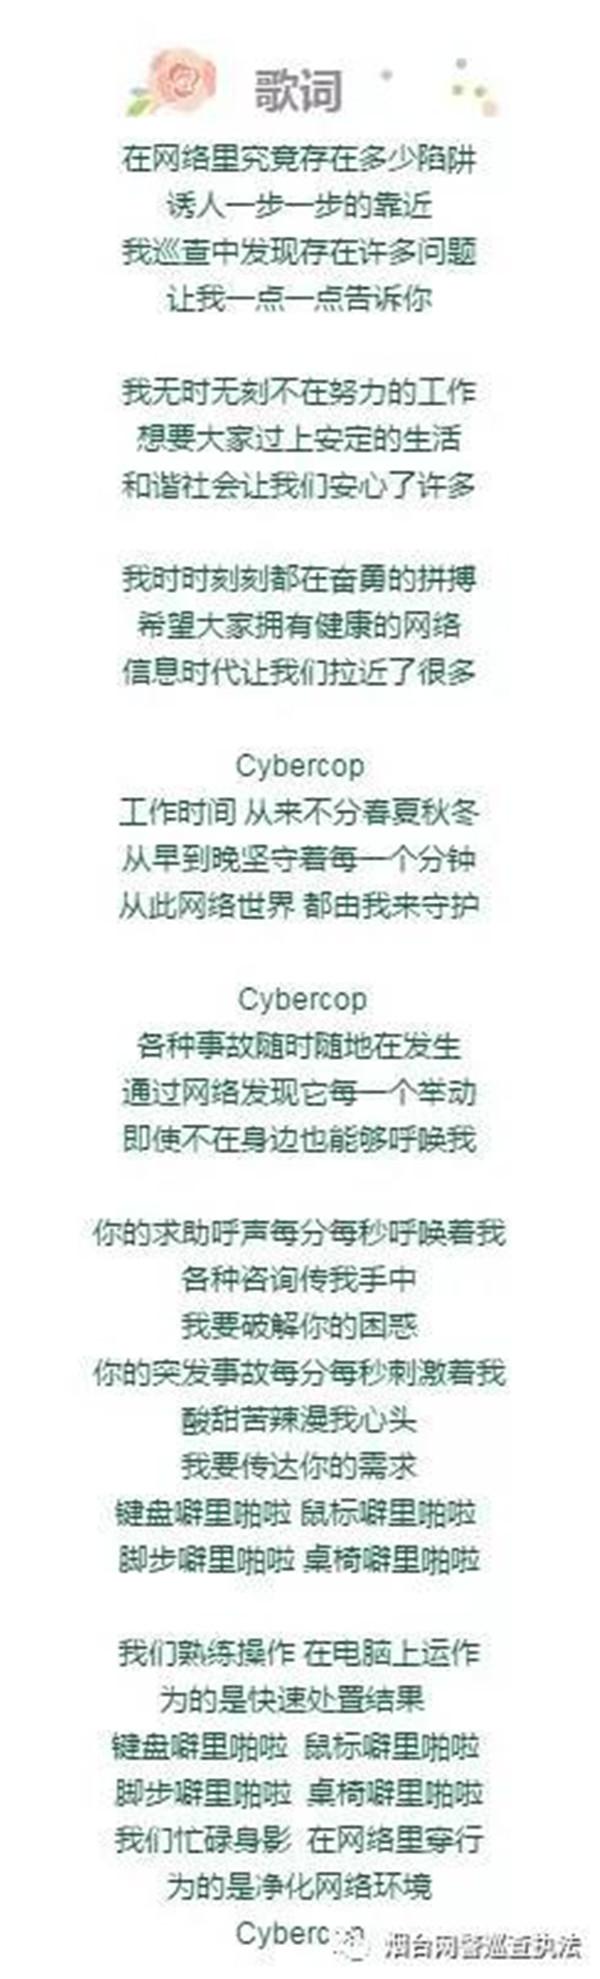 烟台网警微制作MV《cybercop》